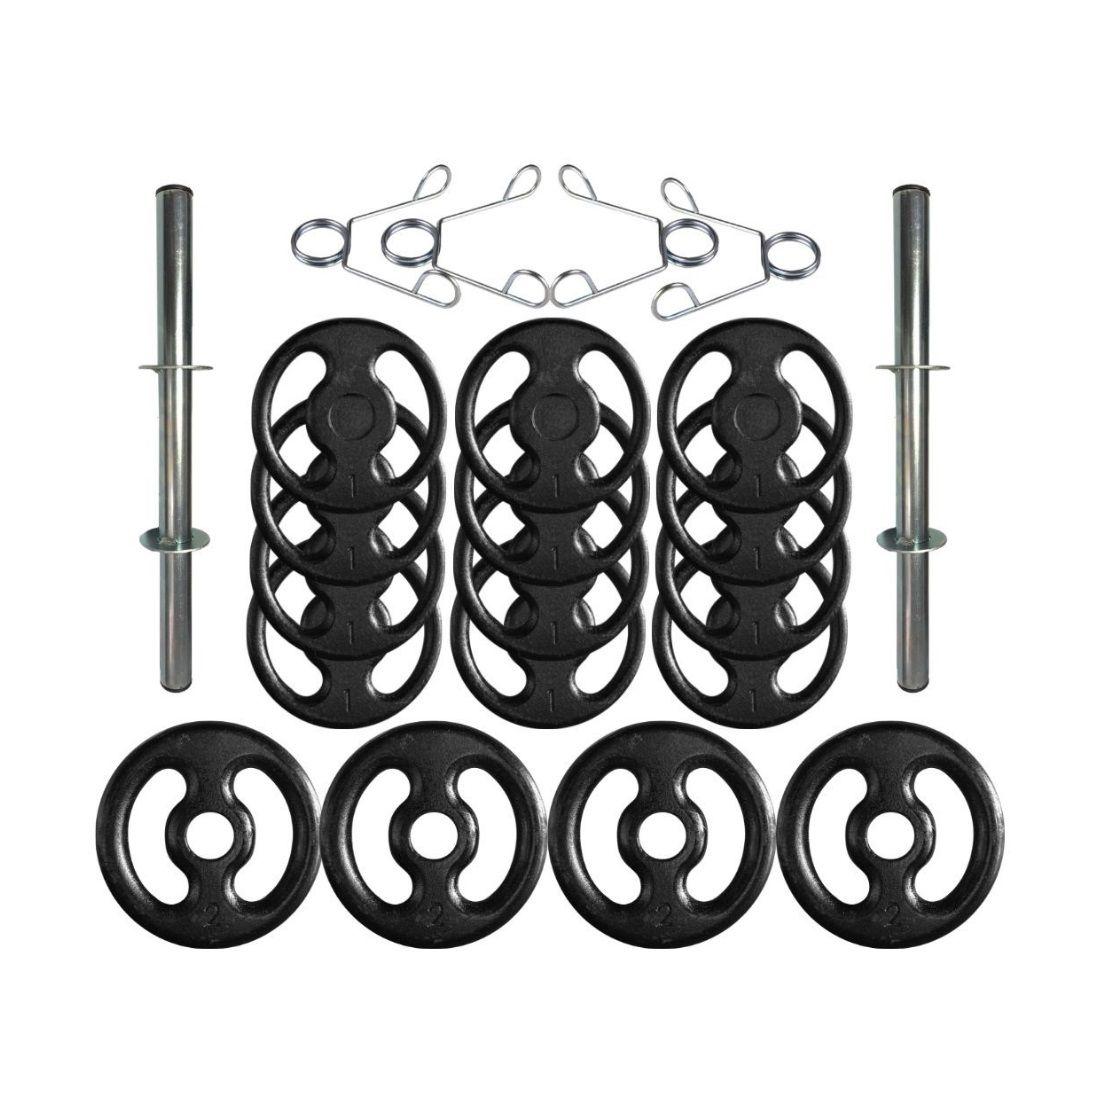 Kit com Barras de Halteres e Anilhas de Ferro - 22 Peças